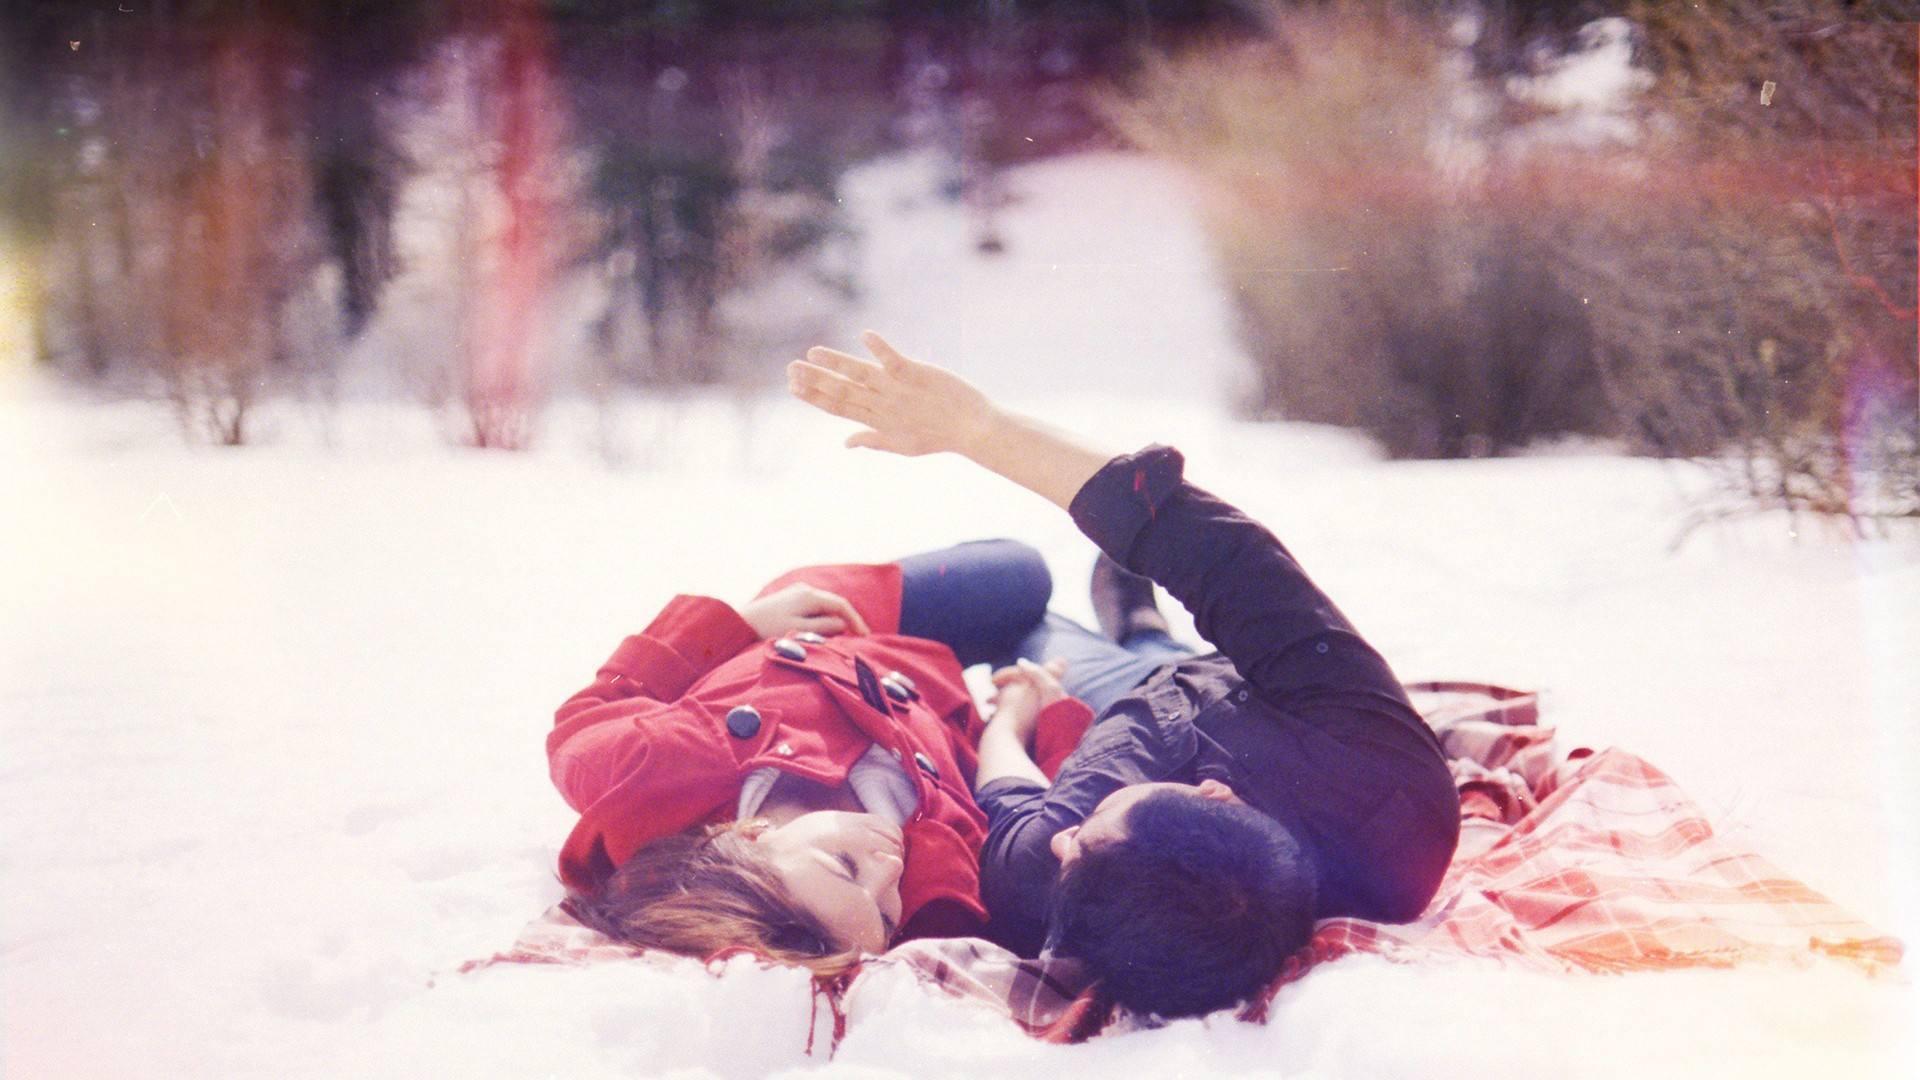 你是我最冒险的梦经典情感语录说说:不要再出现在彼此的世界了